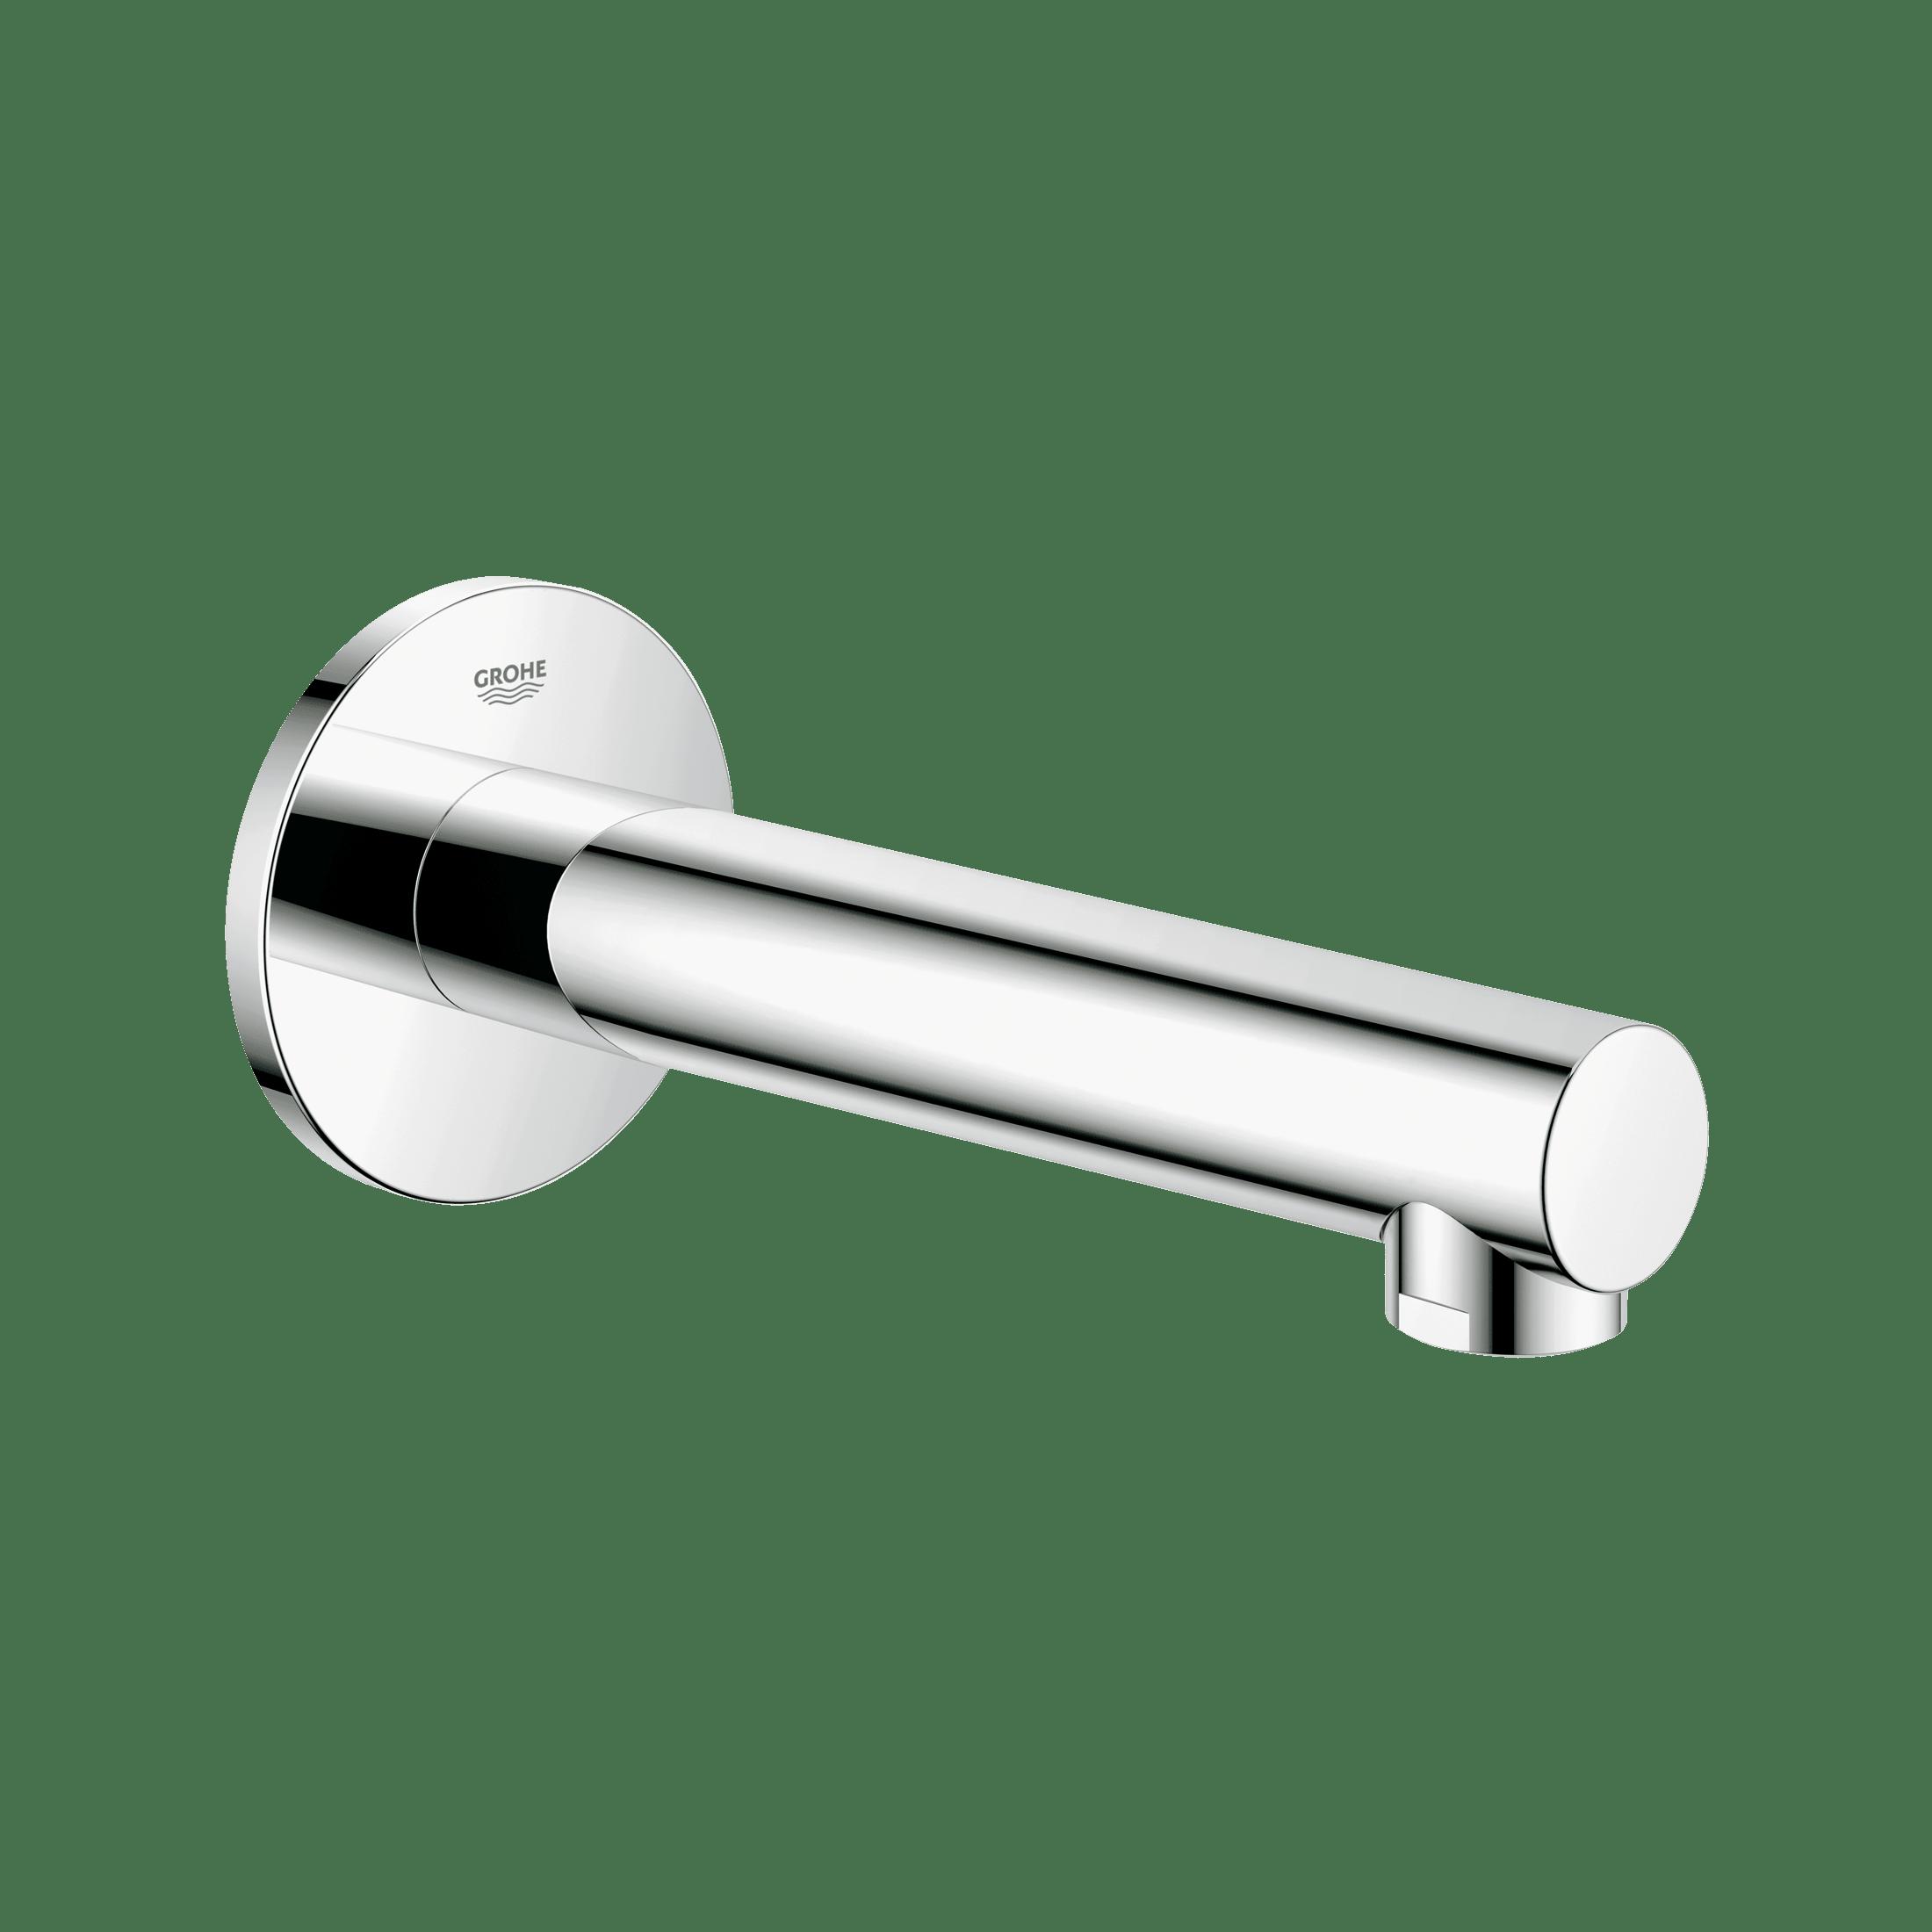 Grohe 13274 Concetto Tub Spout | QualityBath.com